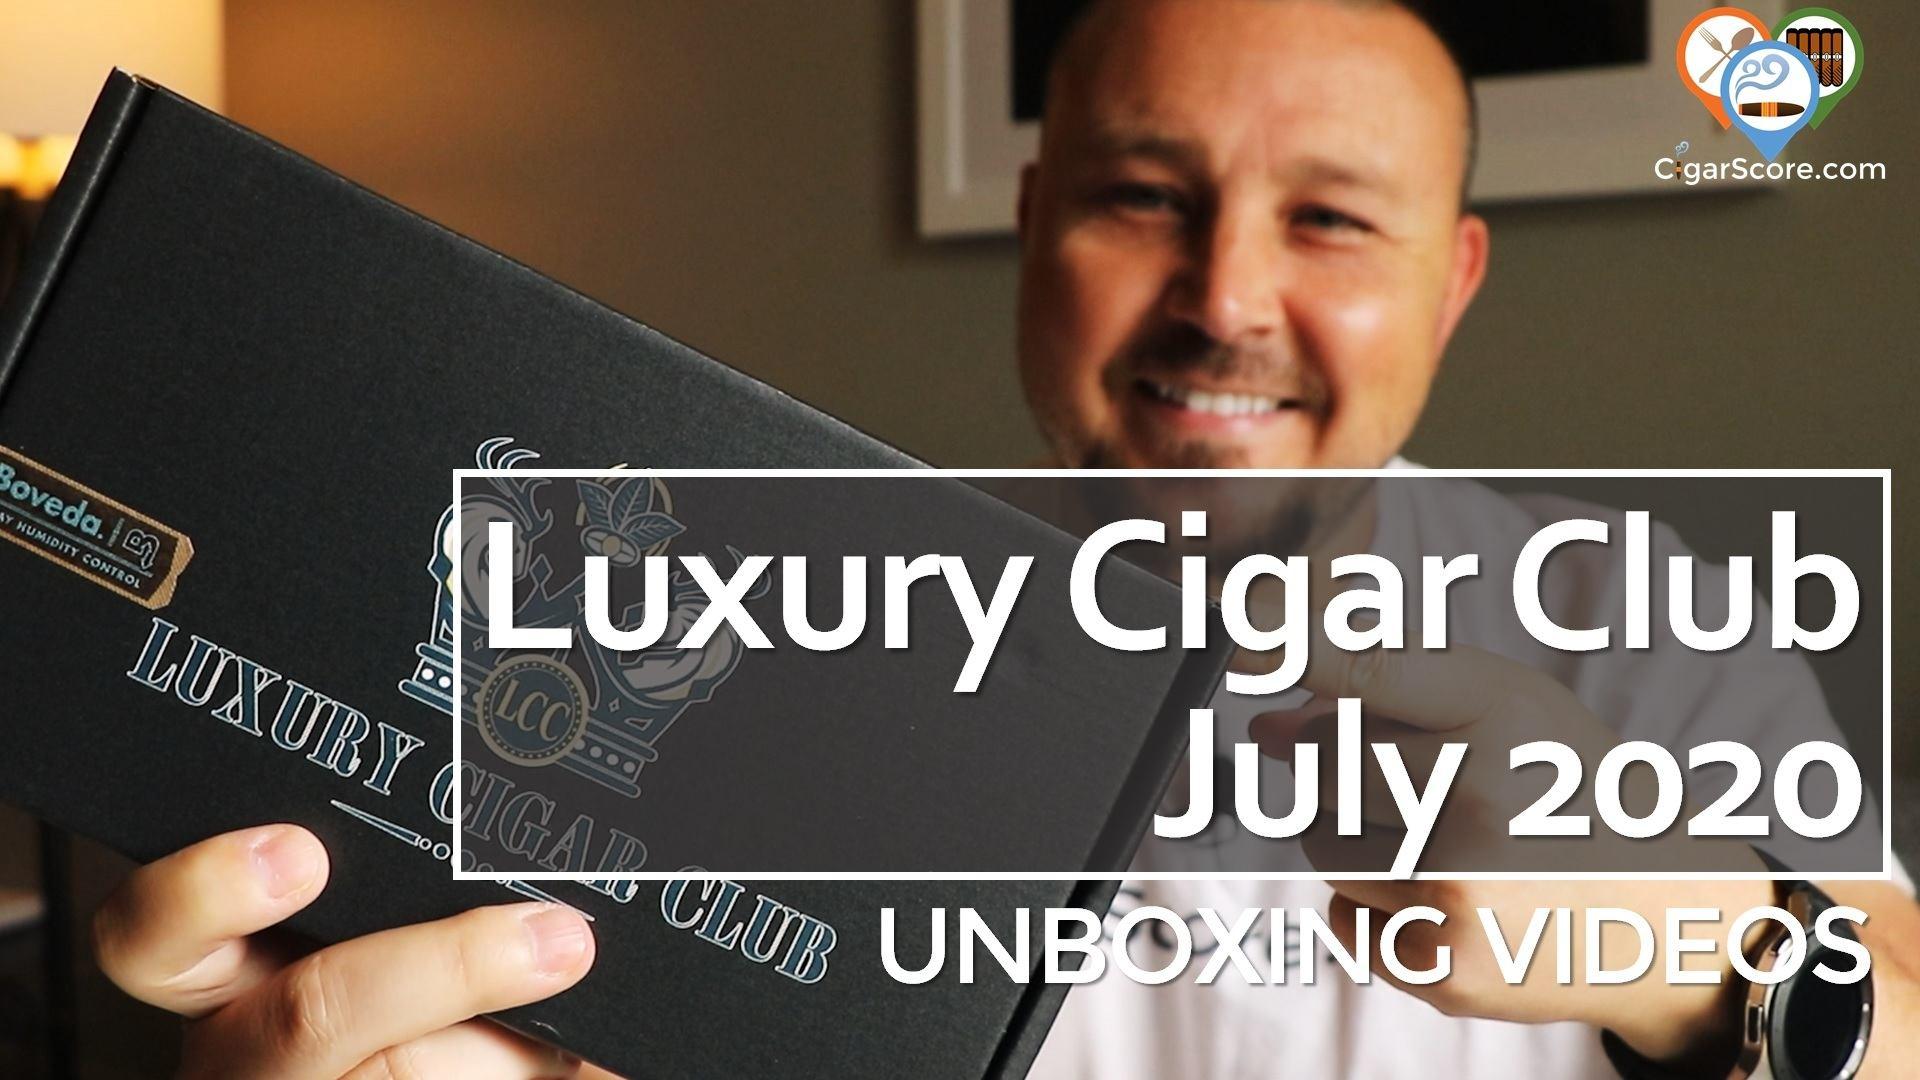 Unboxing - Luxury Cigar Club 2020 July